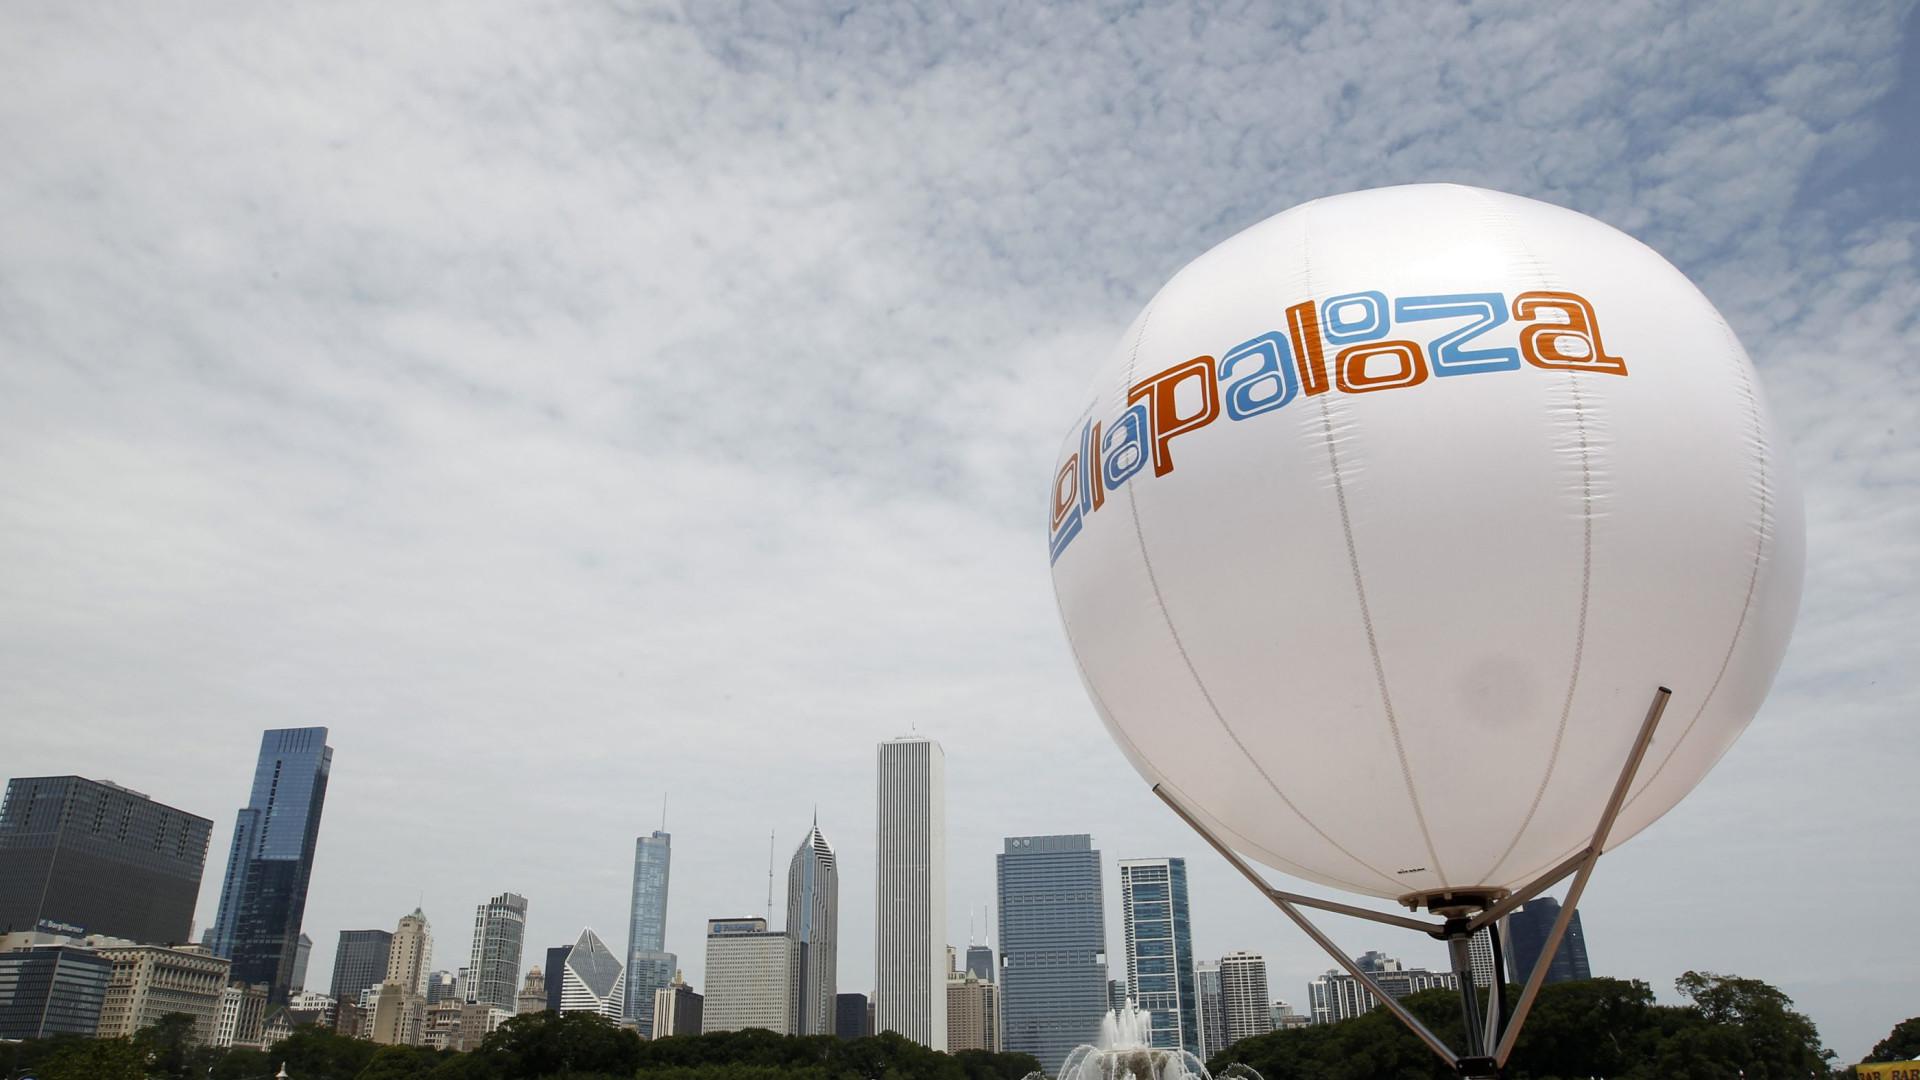 Jovem de 16 anos morre em festival Lollapalooza